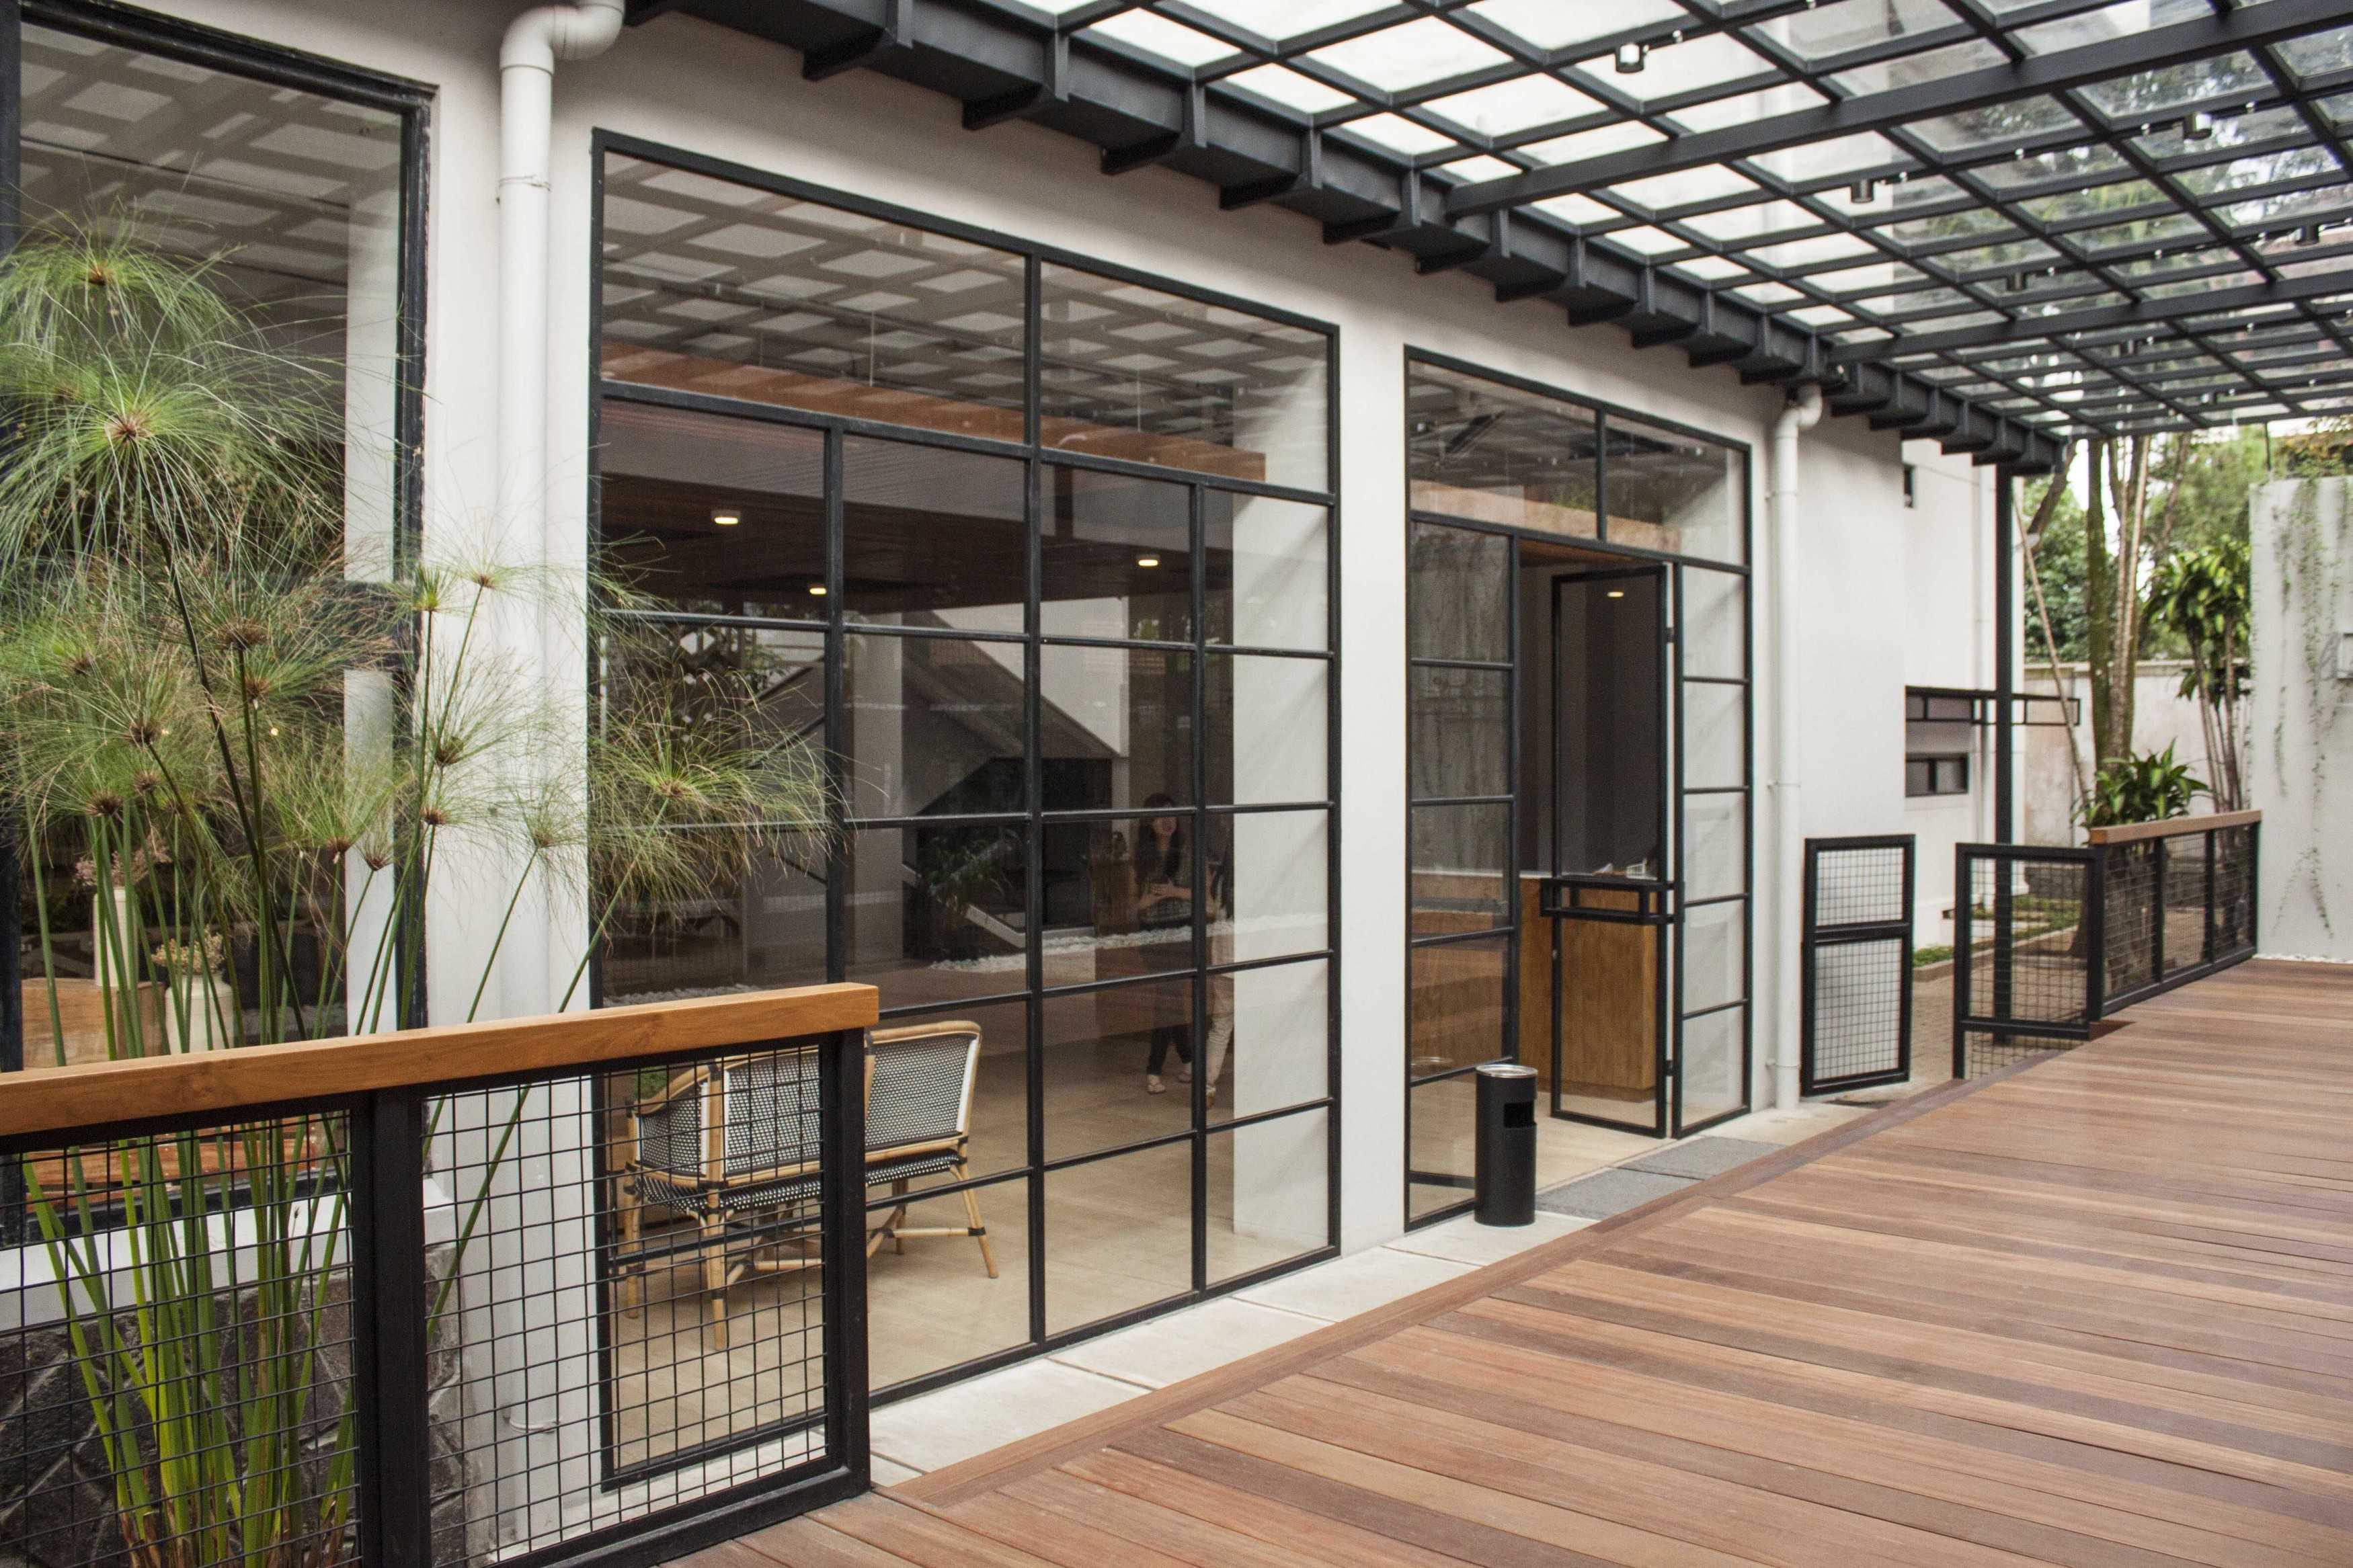 Januar Senjaya & Filani Limansyah / Addo Architecture Beehive Boutique Hotel Bandung, West Java, Indonesia Bandung, West Java, Indonesia Terrace   9706